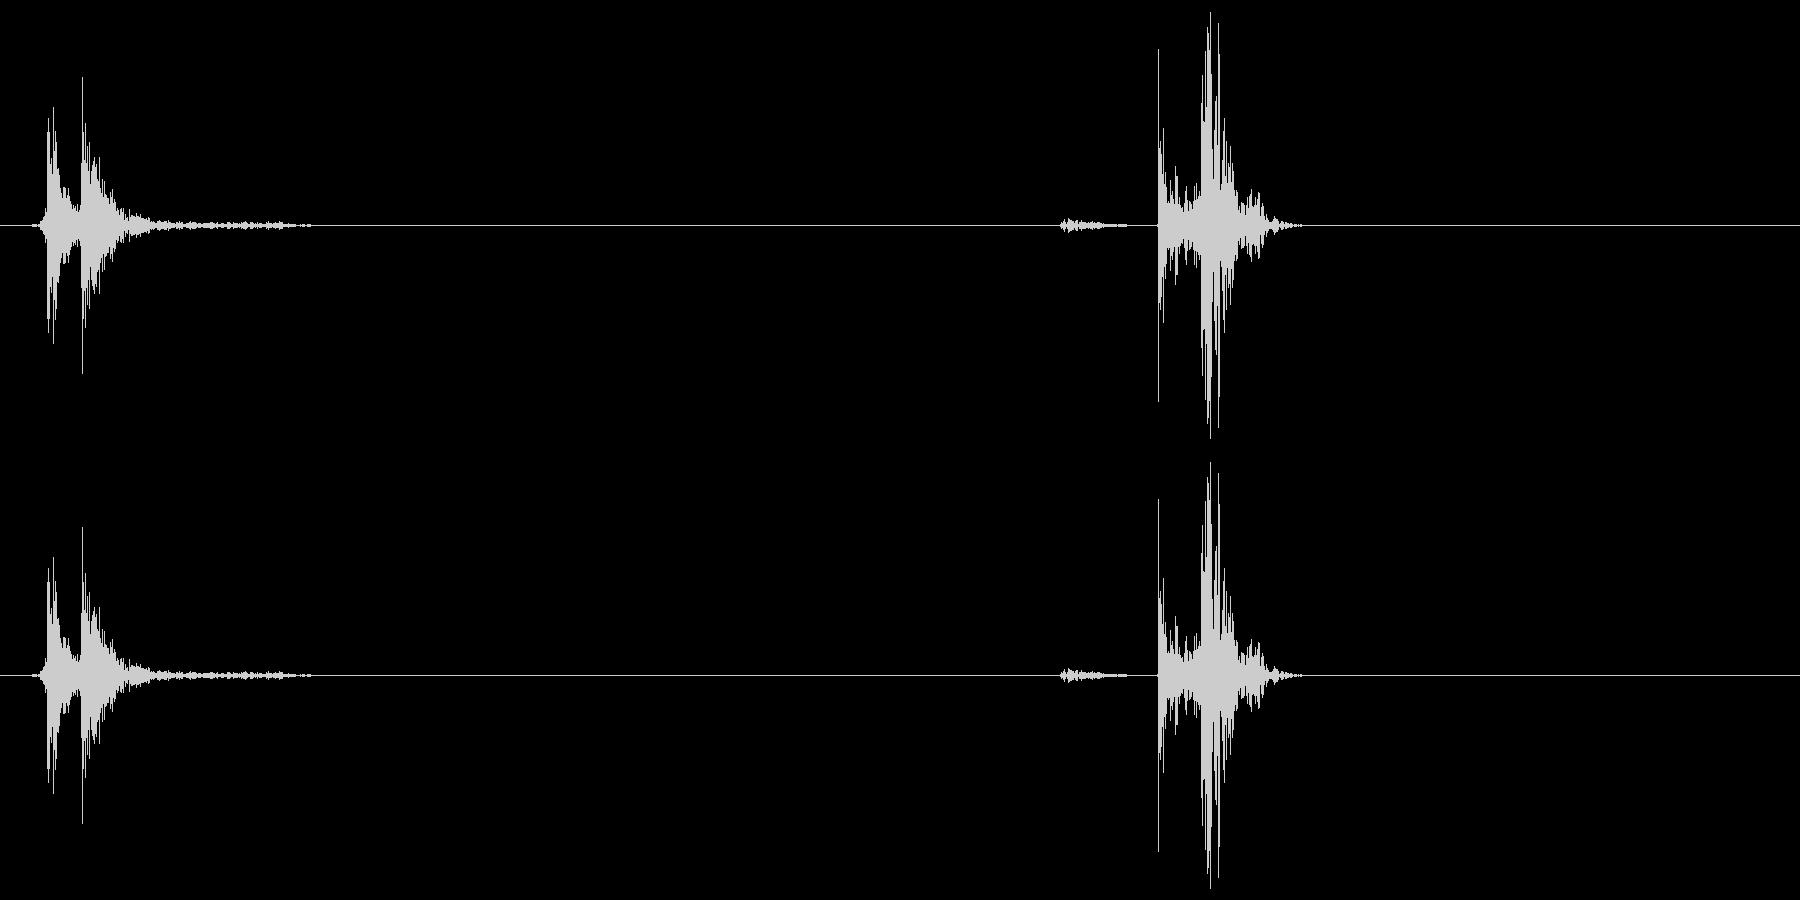 電子レンジドア開閉の未再生の波形